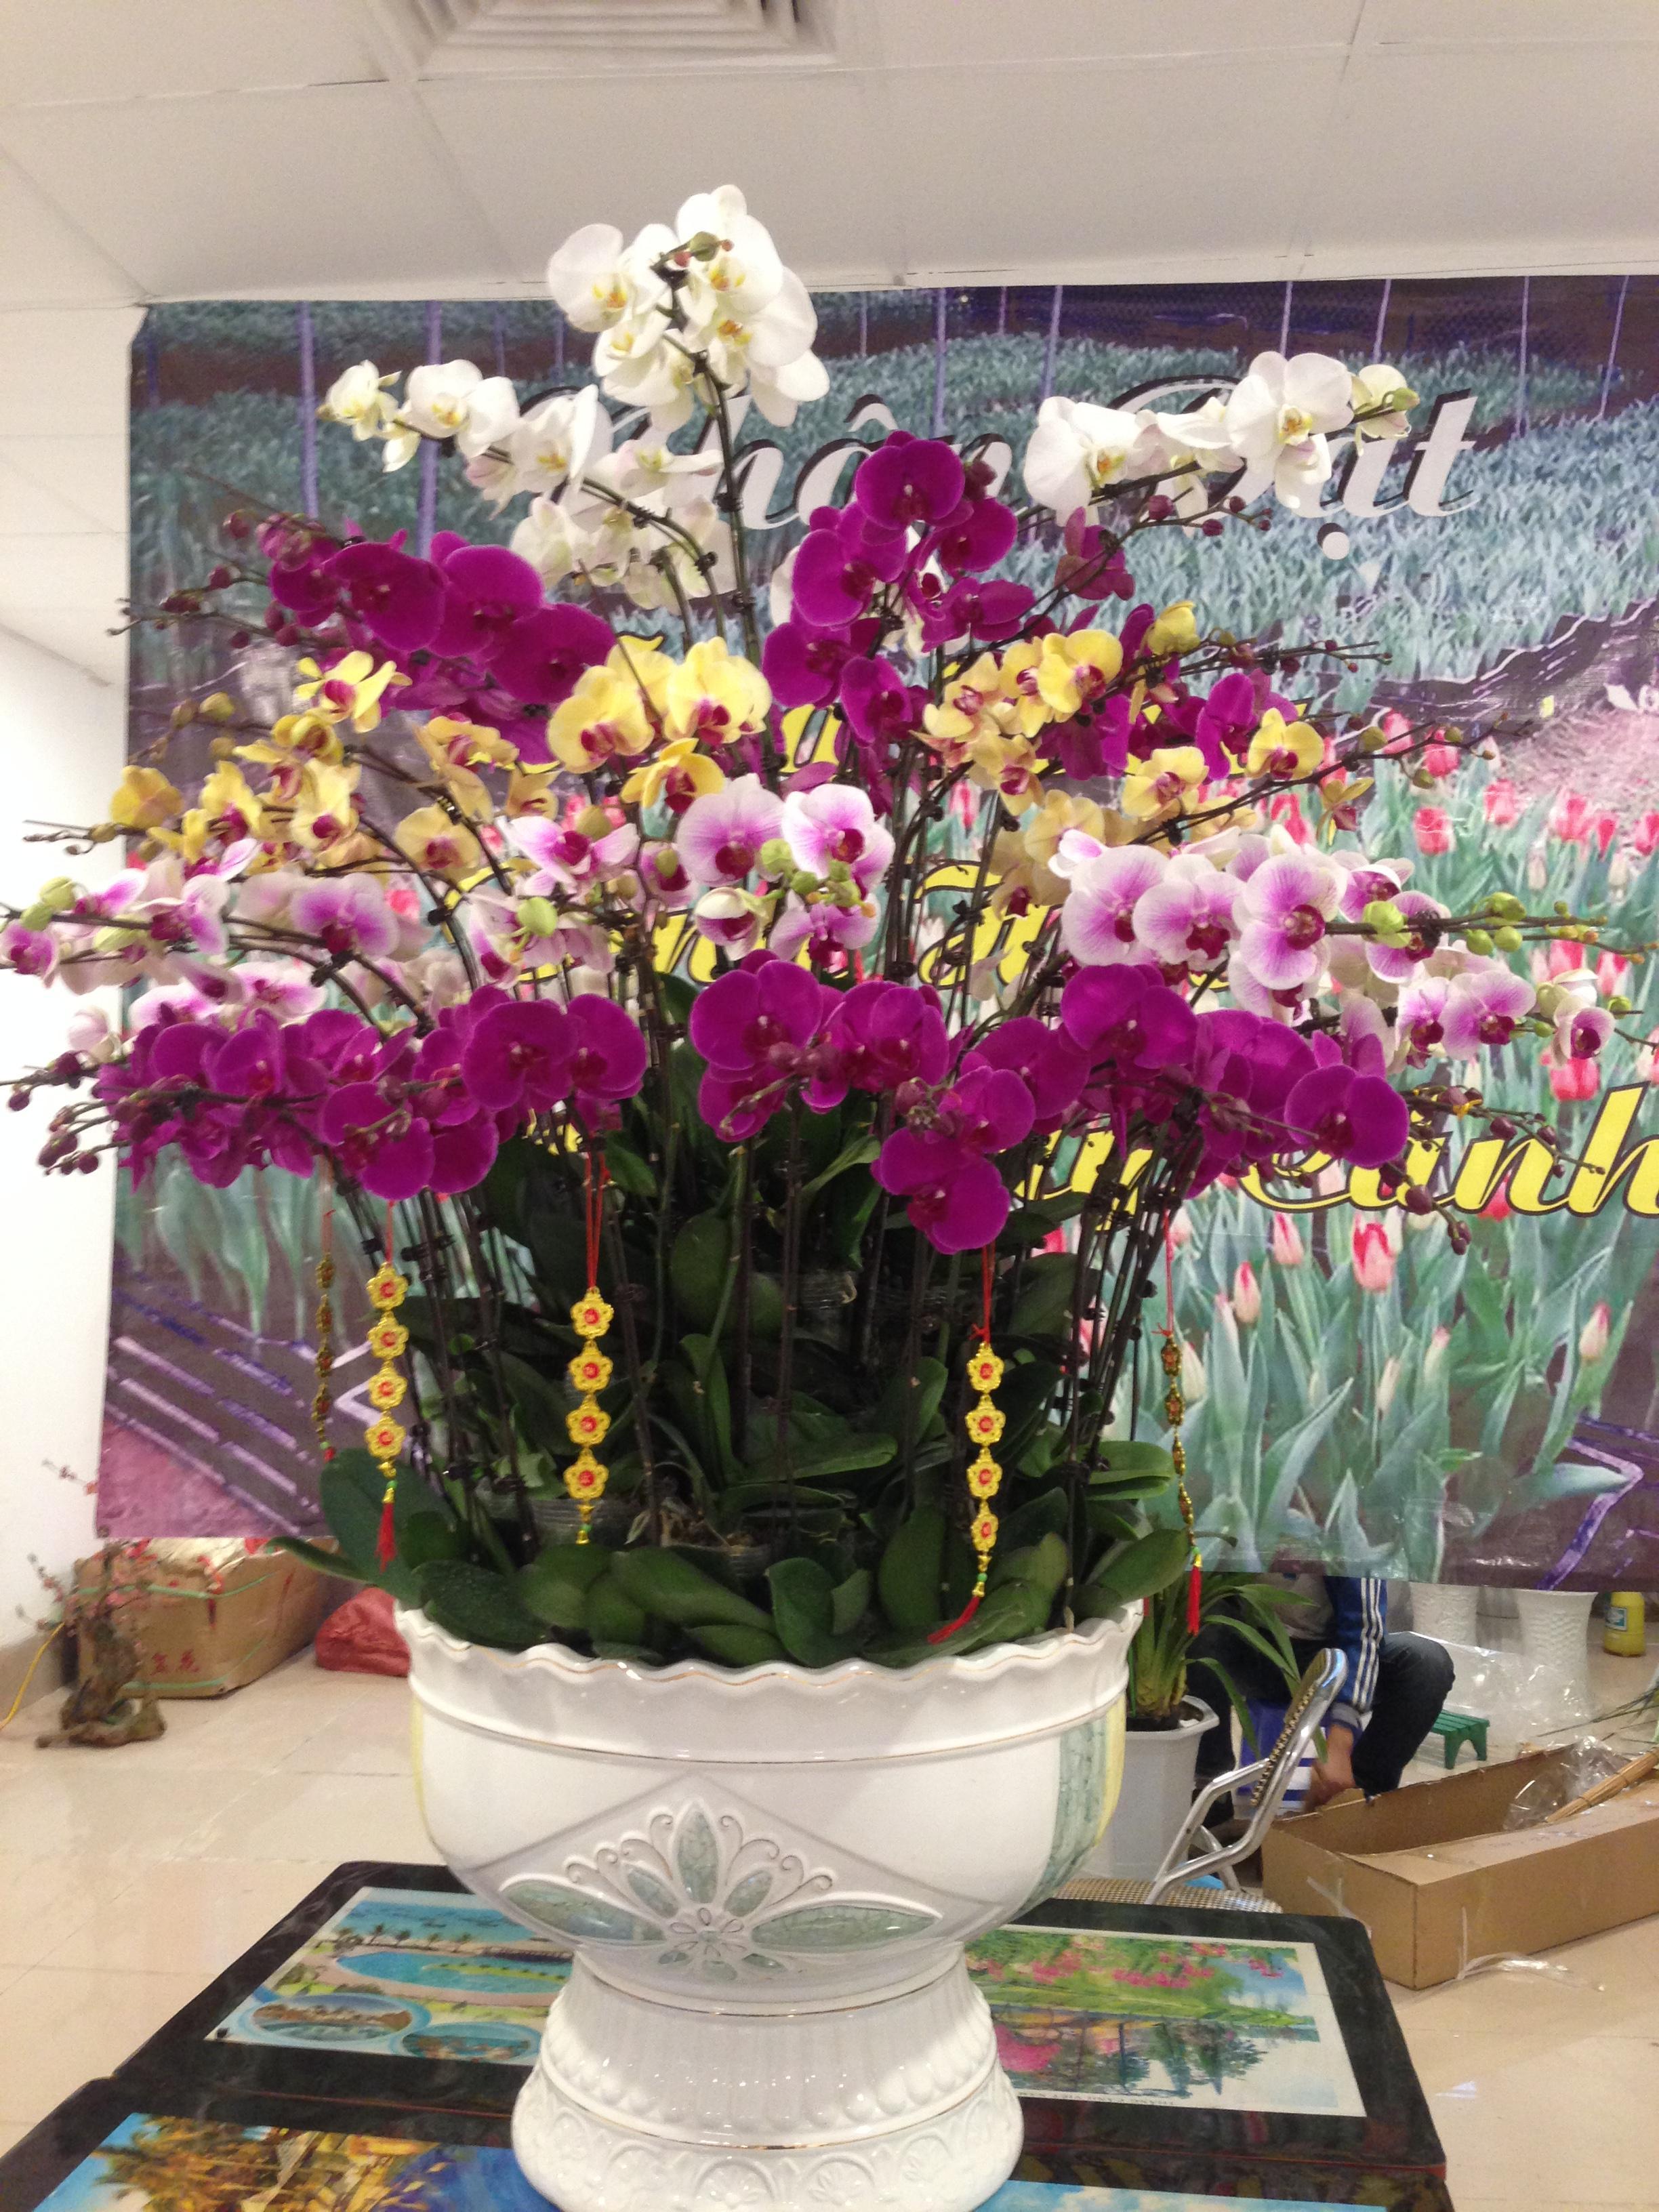 Tết Mậu Tuất: Đây là một trong những loại hoa chơi Tết có giá đắt đỏ trên thị trường